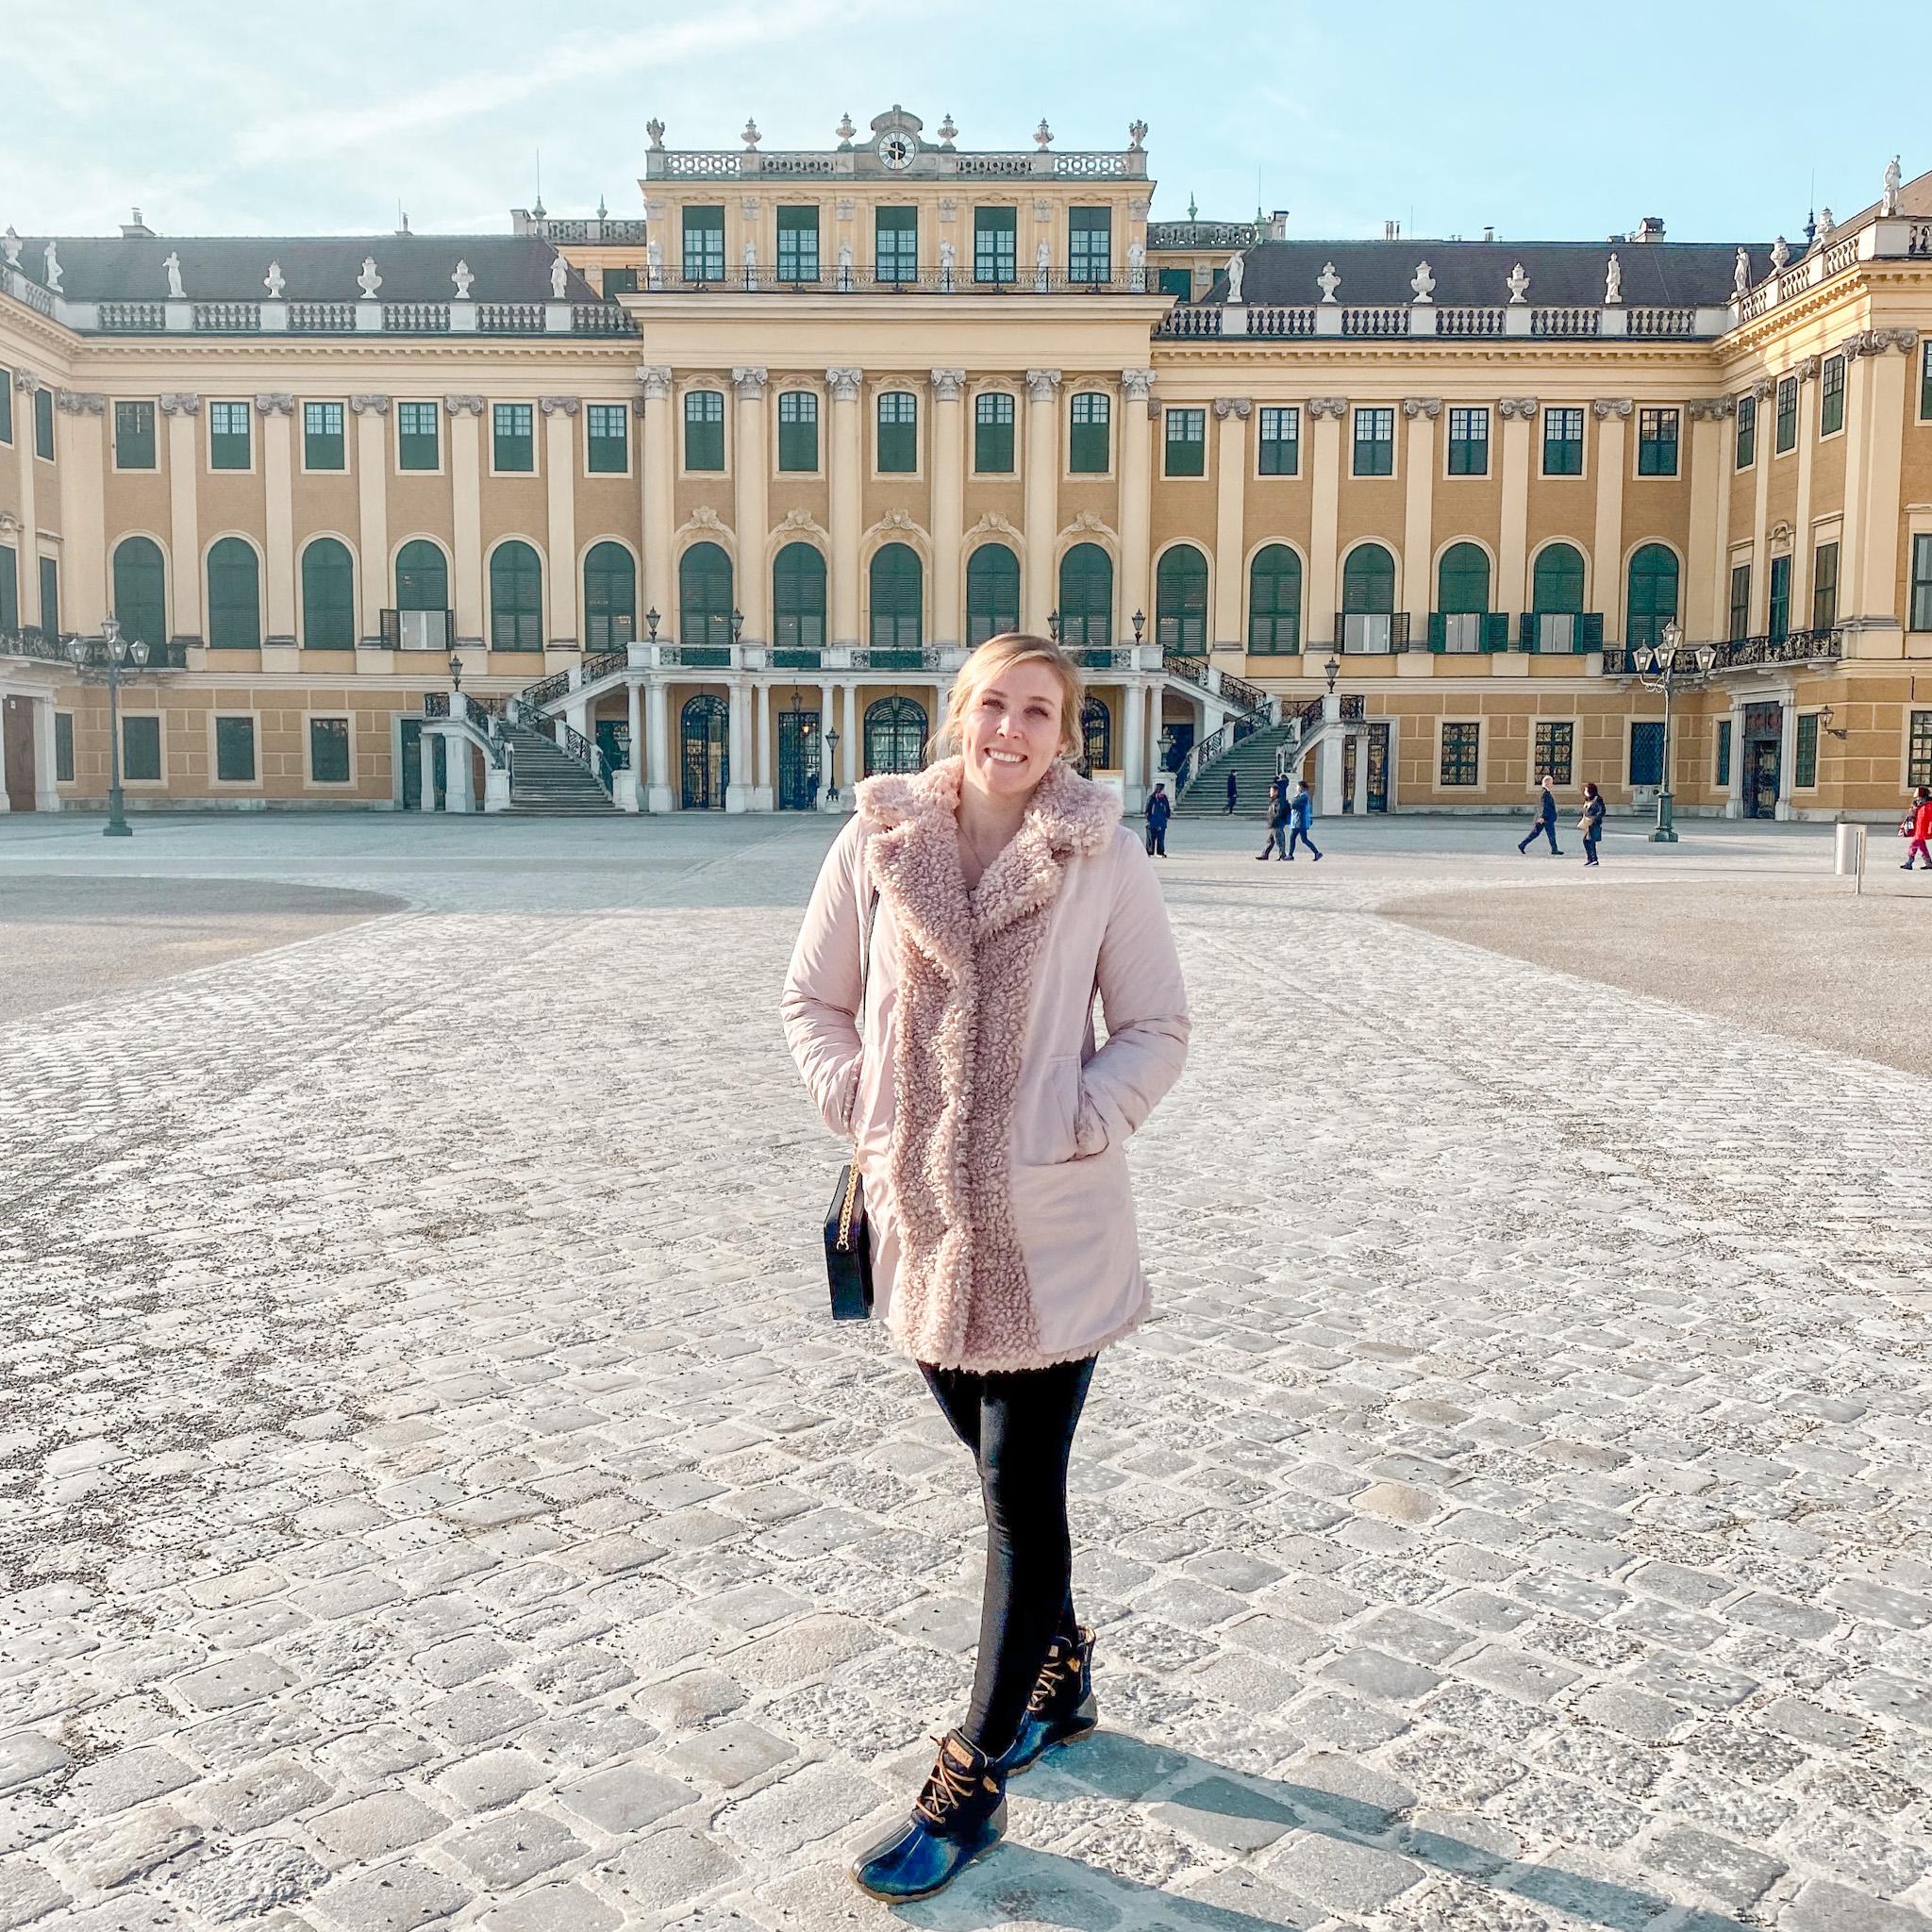 Erinn in front of Schönbrunn Palace in Vienna, Austria.